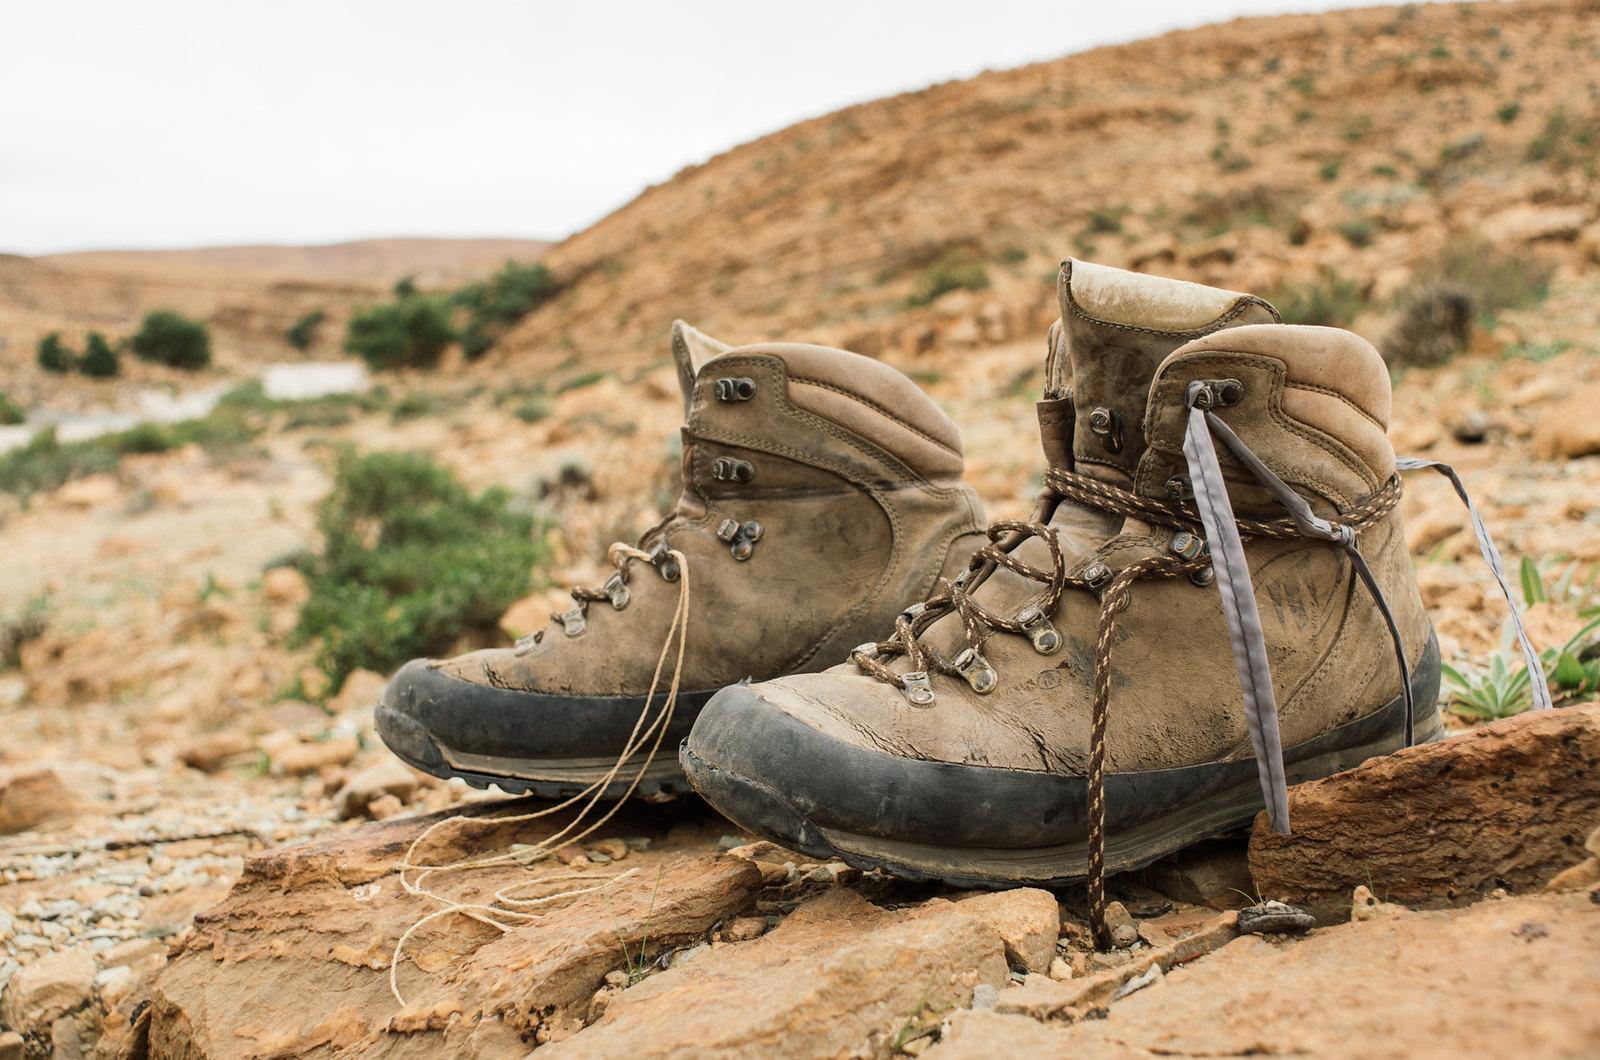 Trek sans guide au Maroc - 5 jours dans l'anti-Atlas - Coup de pompe